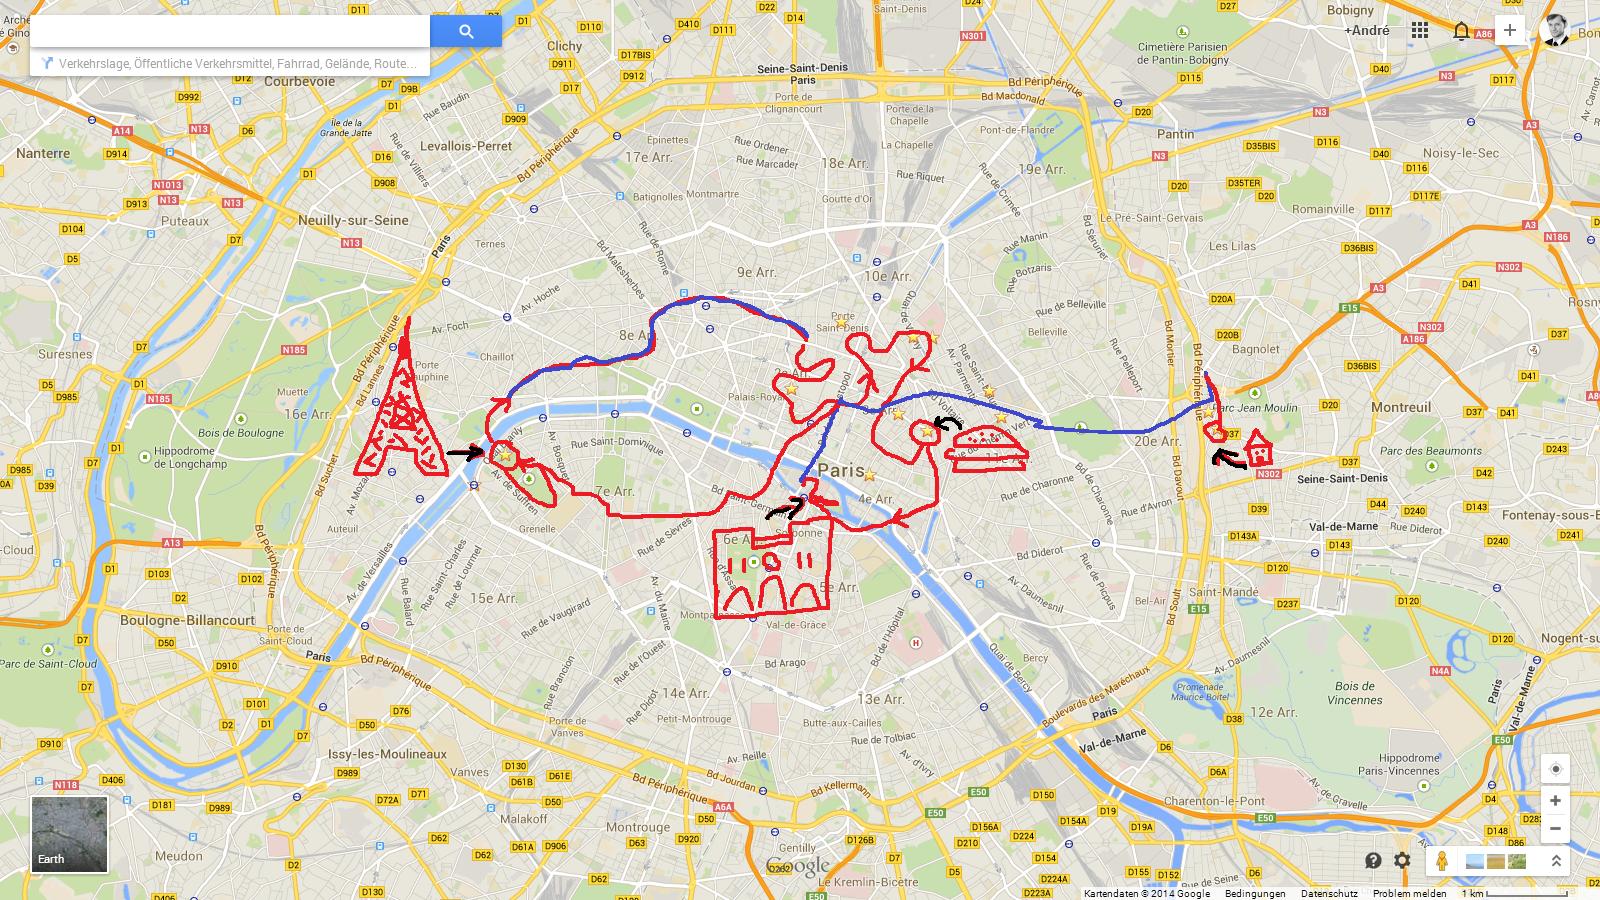 Karte Paris Eiffelturm.Eiffelturm Offener Meinungsaustausch Und Real Life